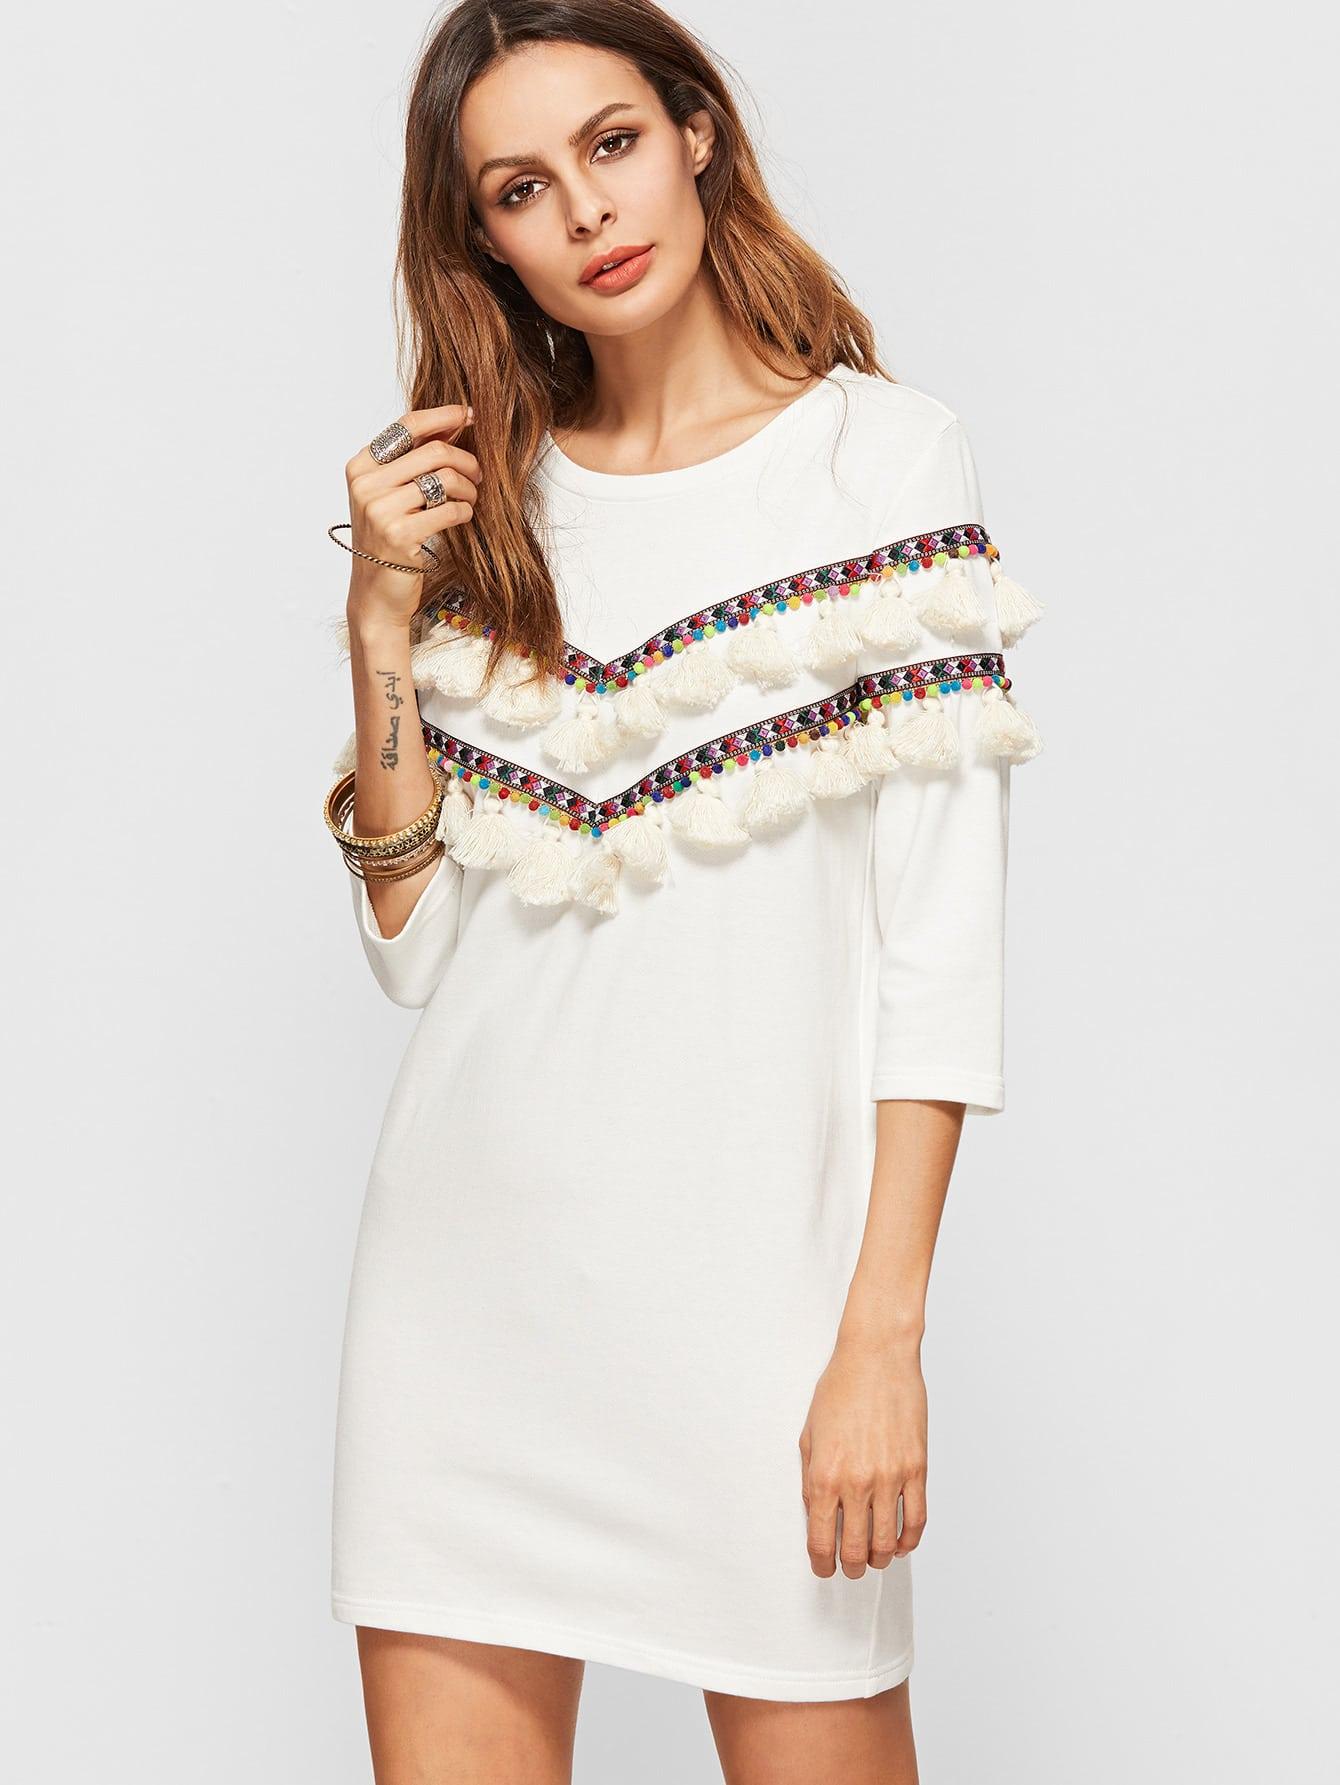 dress161206703_2